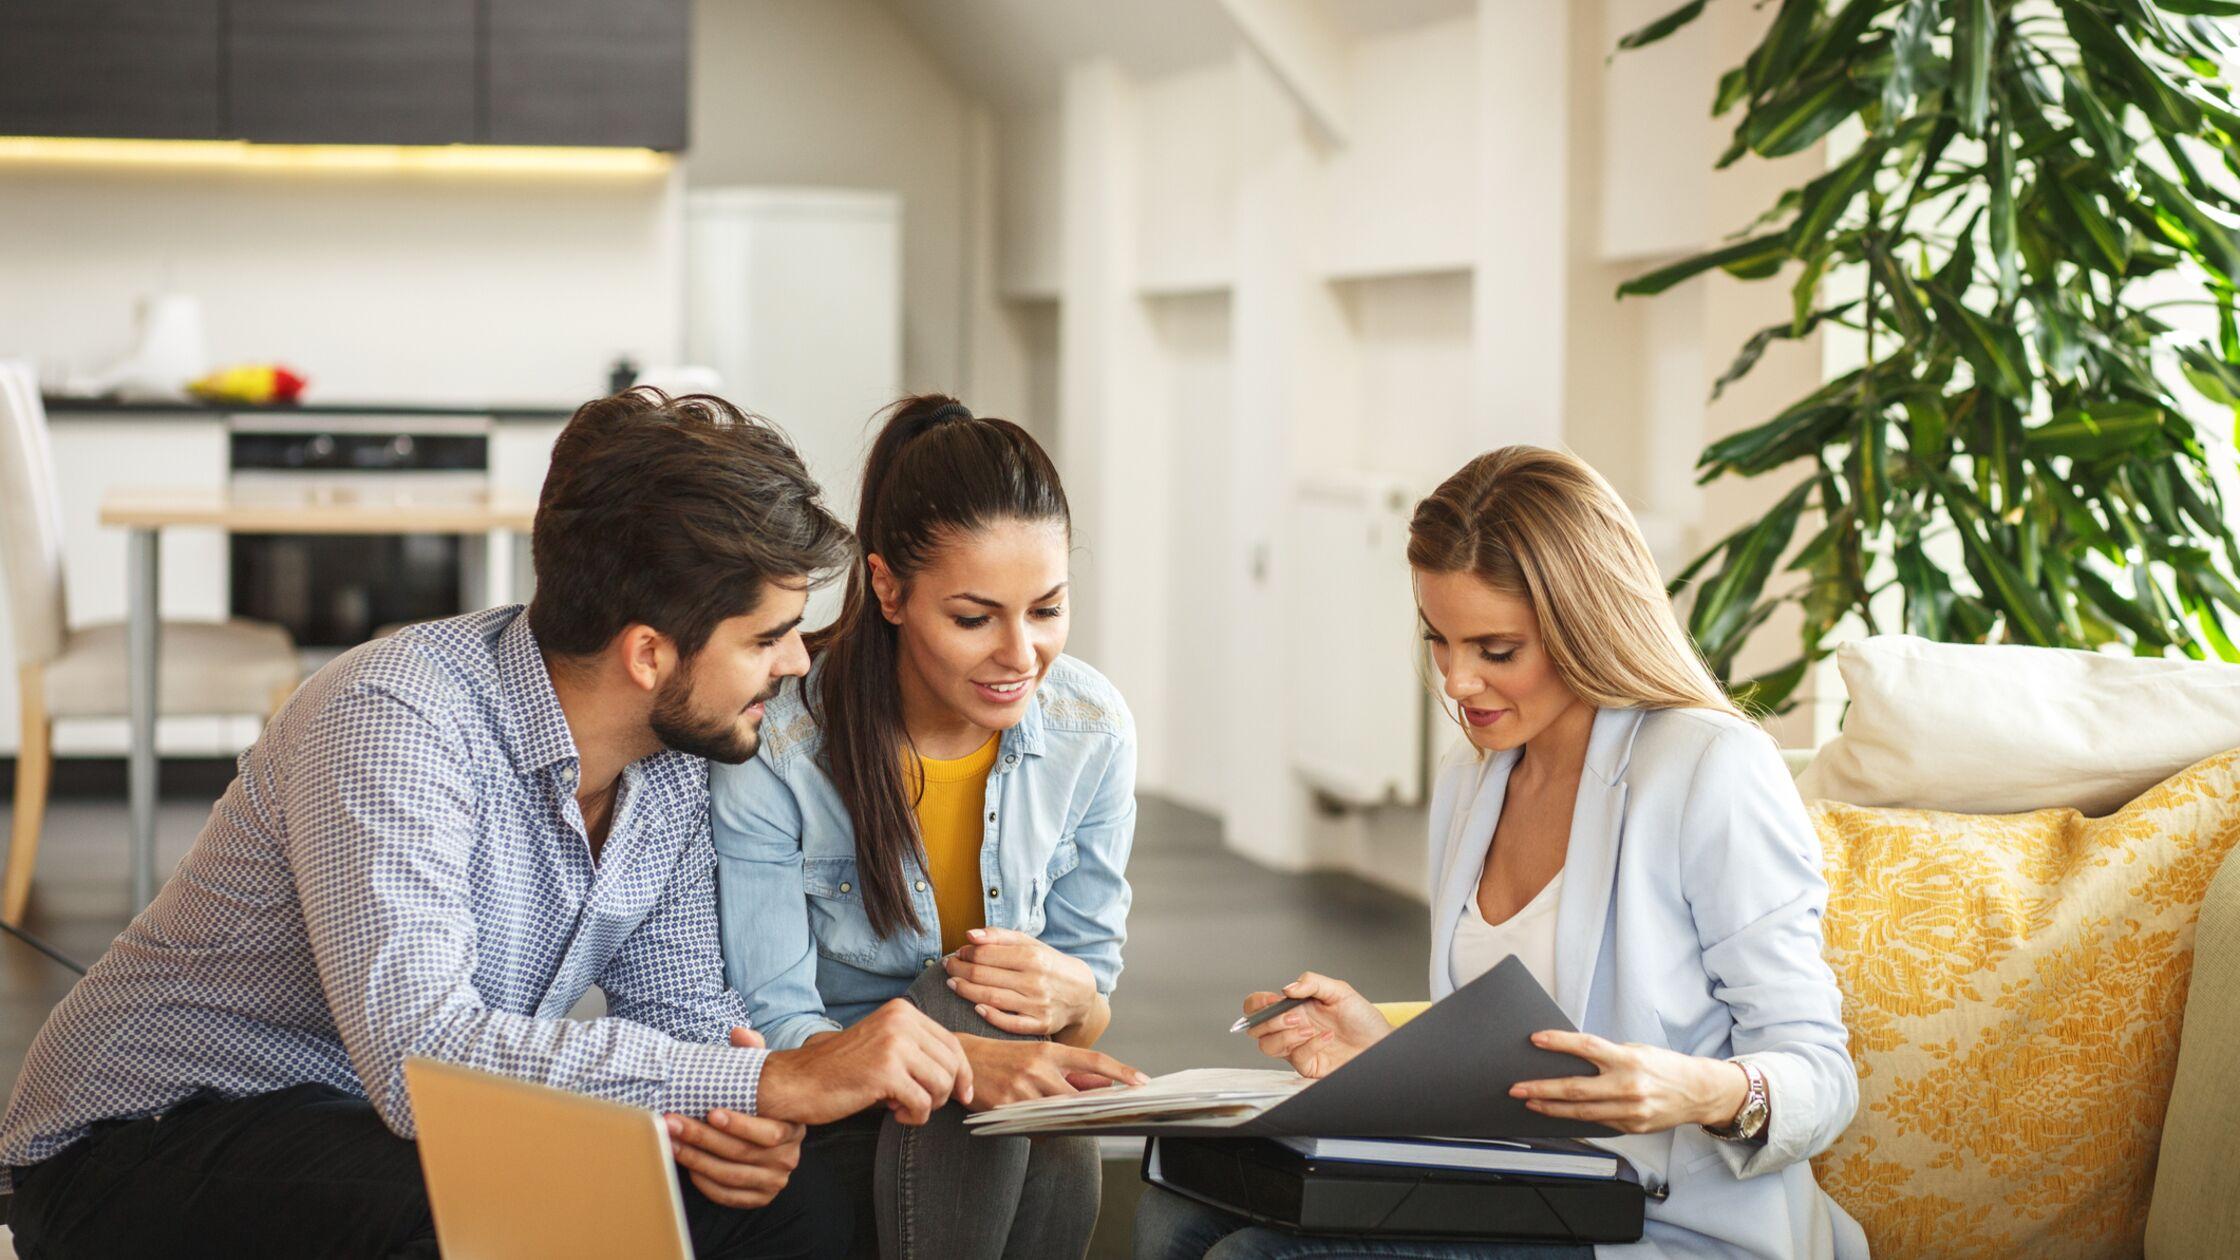 Wohnung besichtigen: Tipps & Checklisten für Suchende